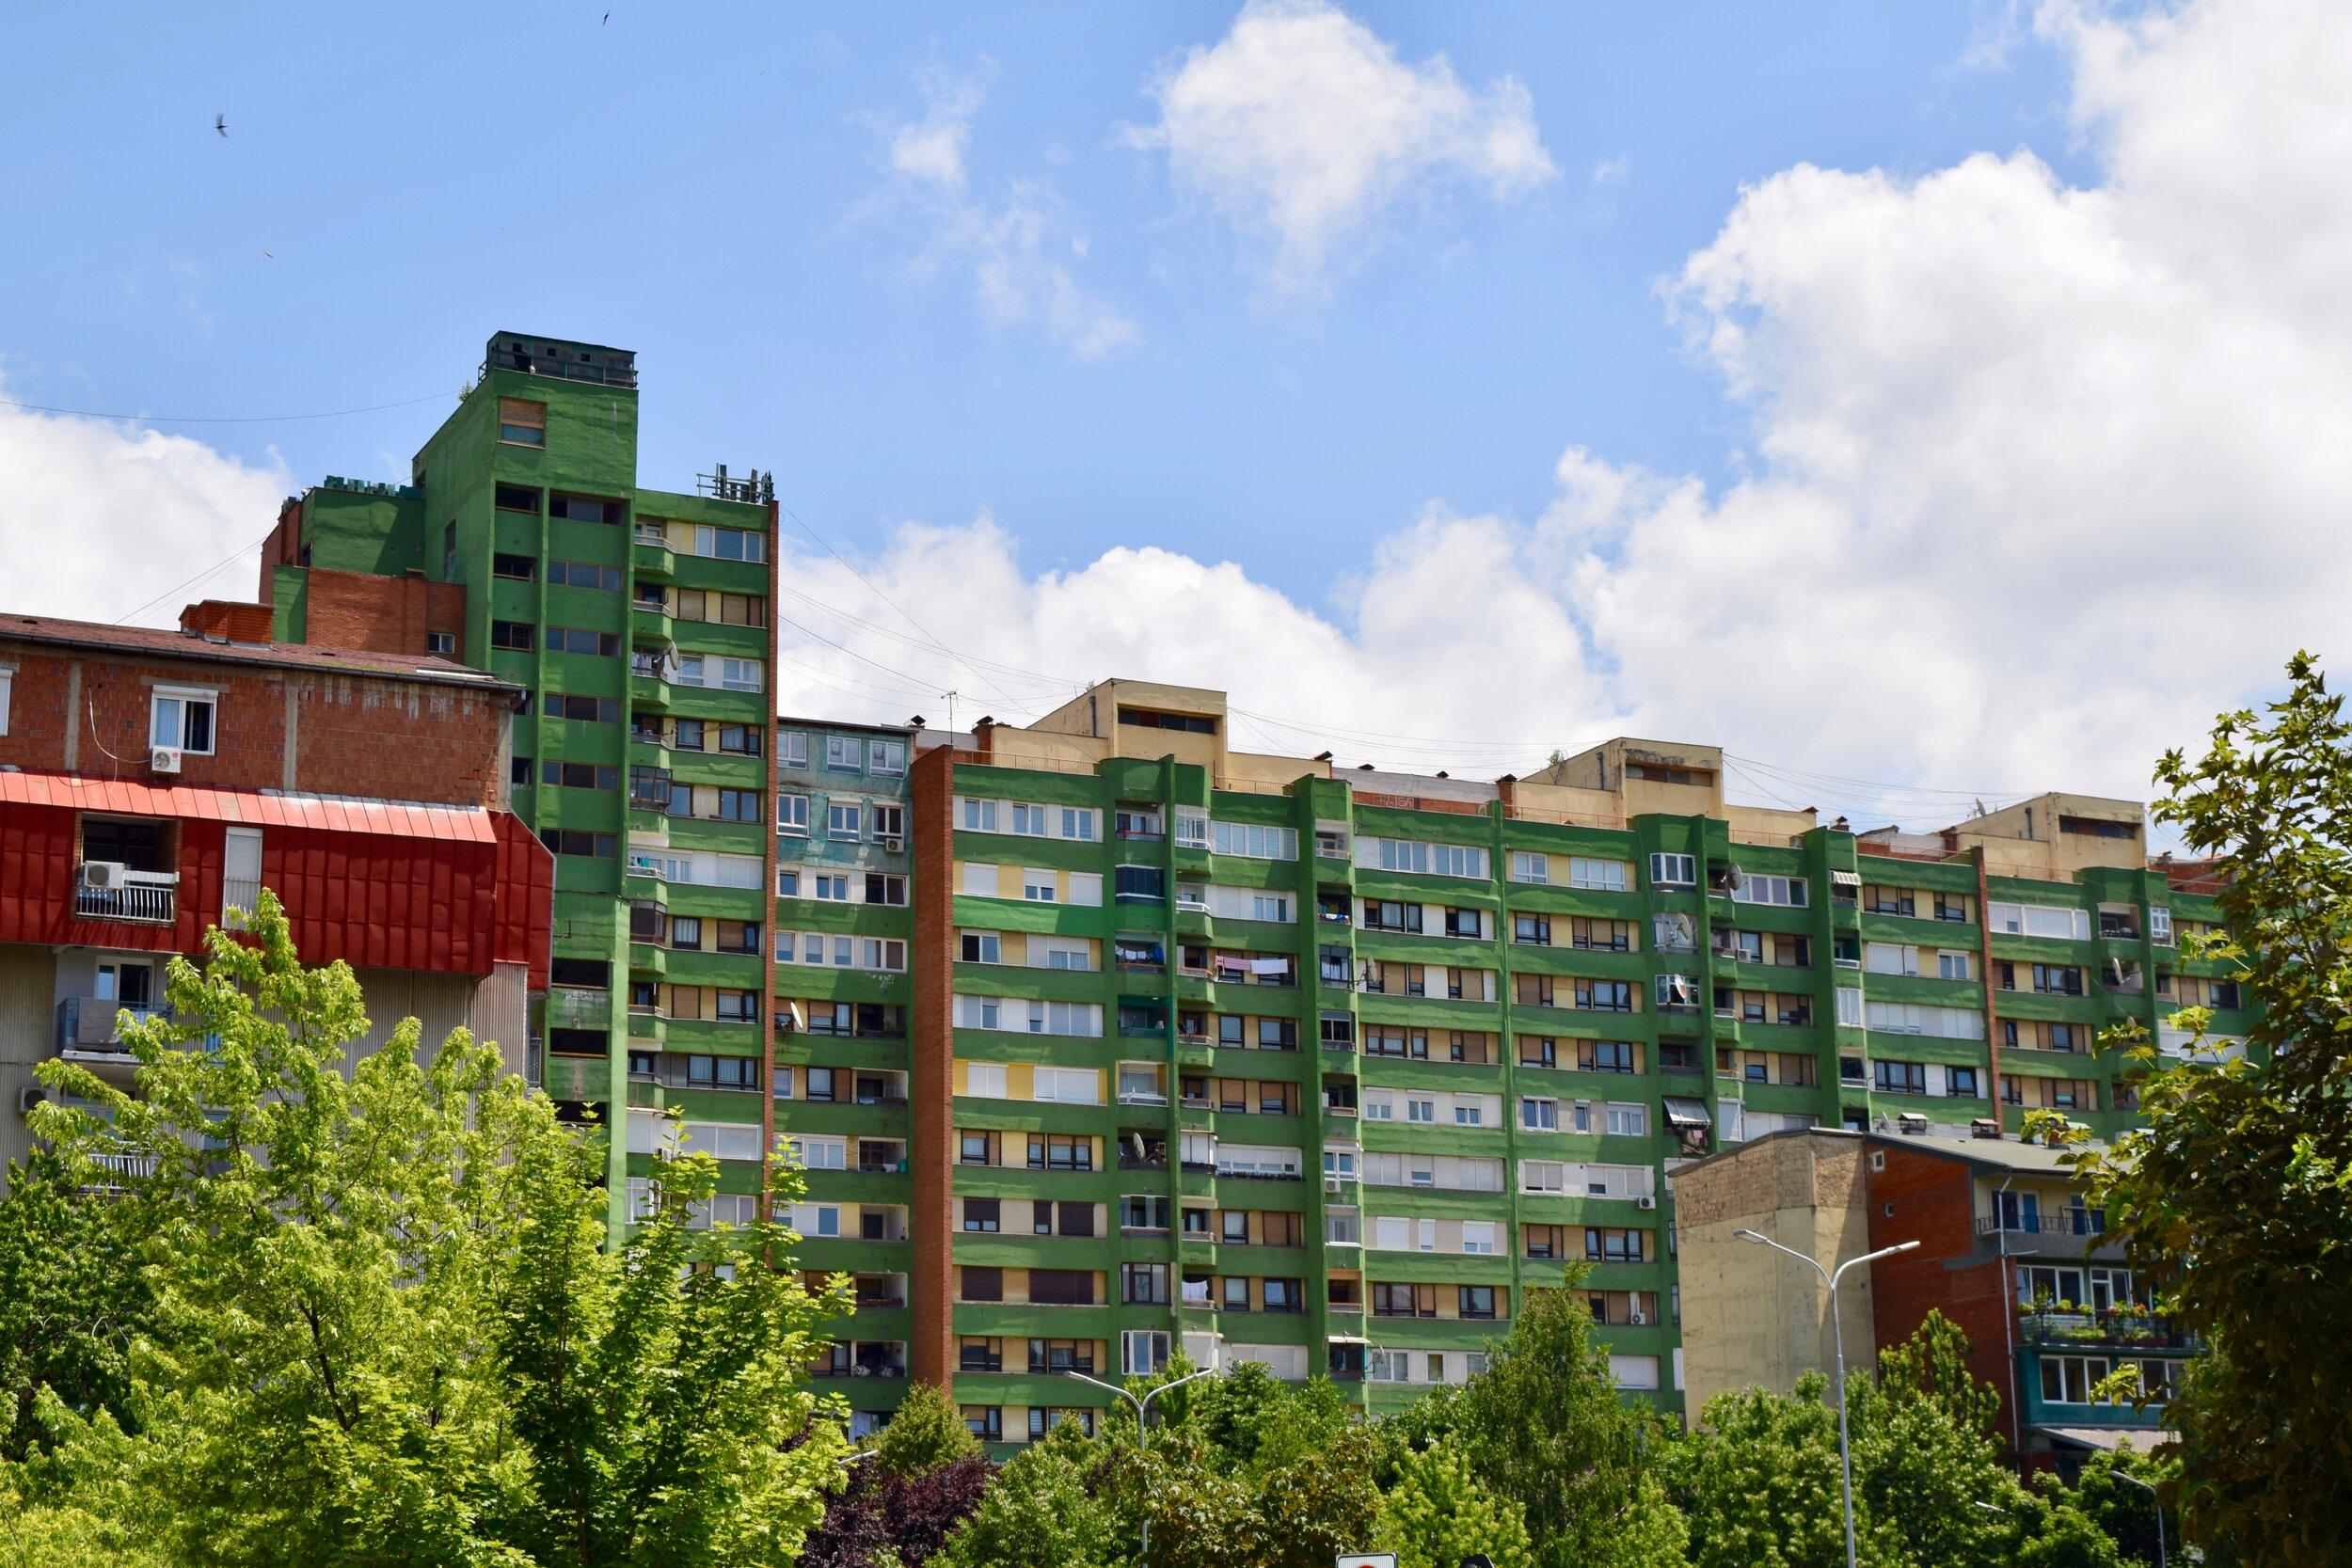 Communist buildings in Pristina